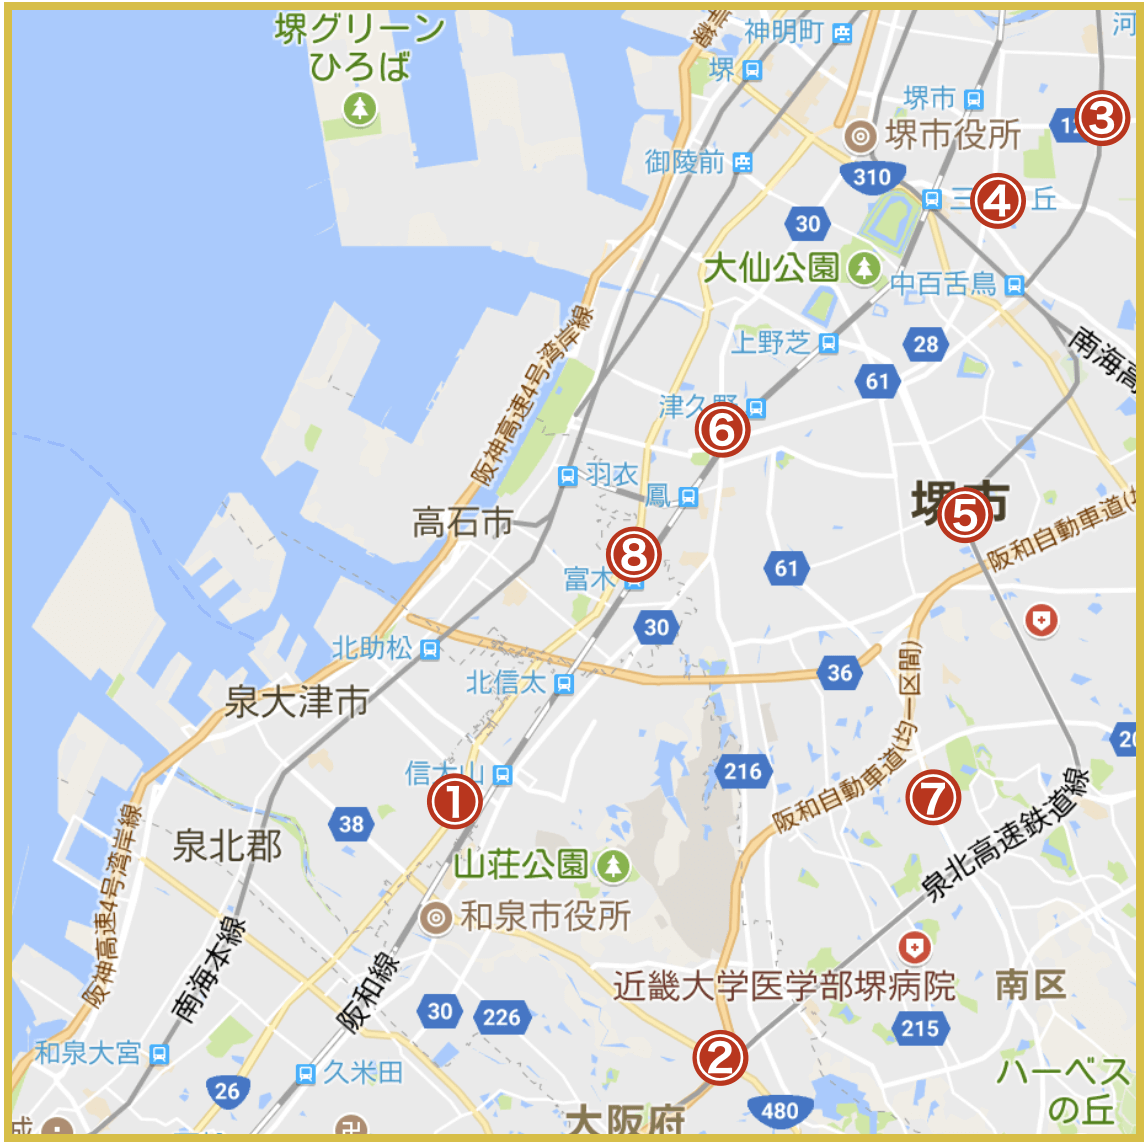 大阪府泉北地域にあるアイフル店舗・ATMの位置(2020年版)